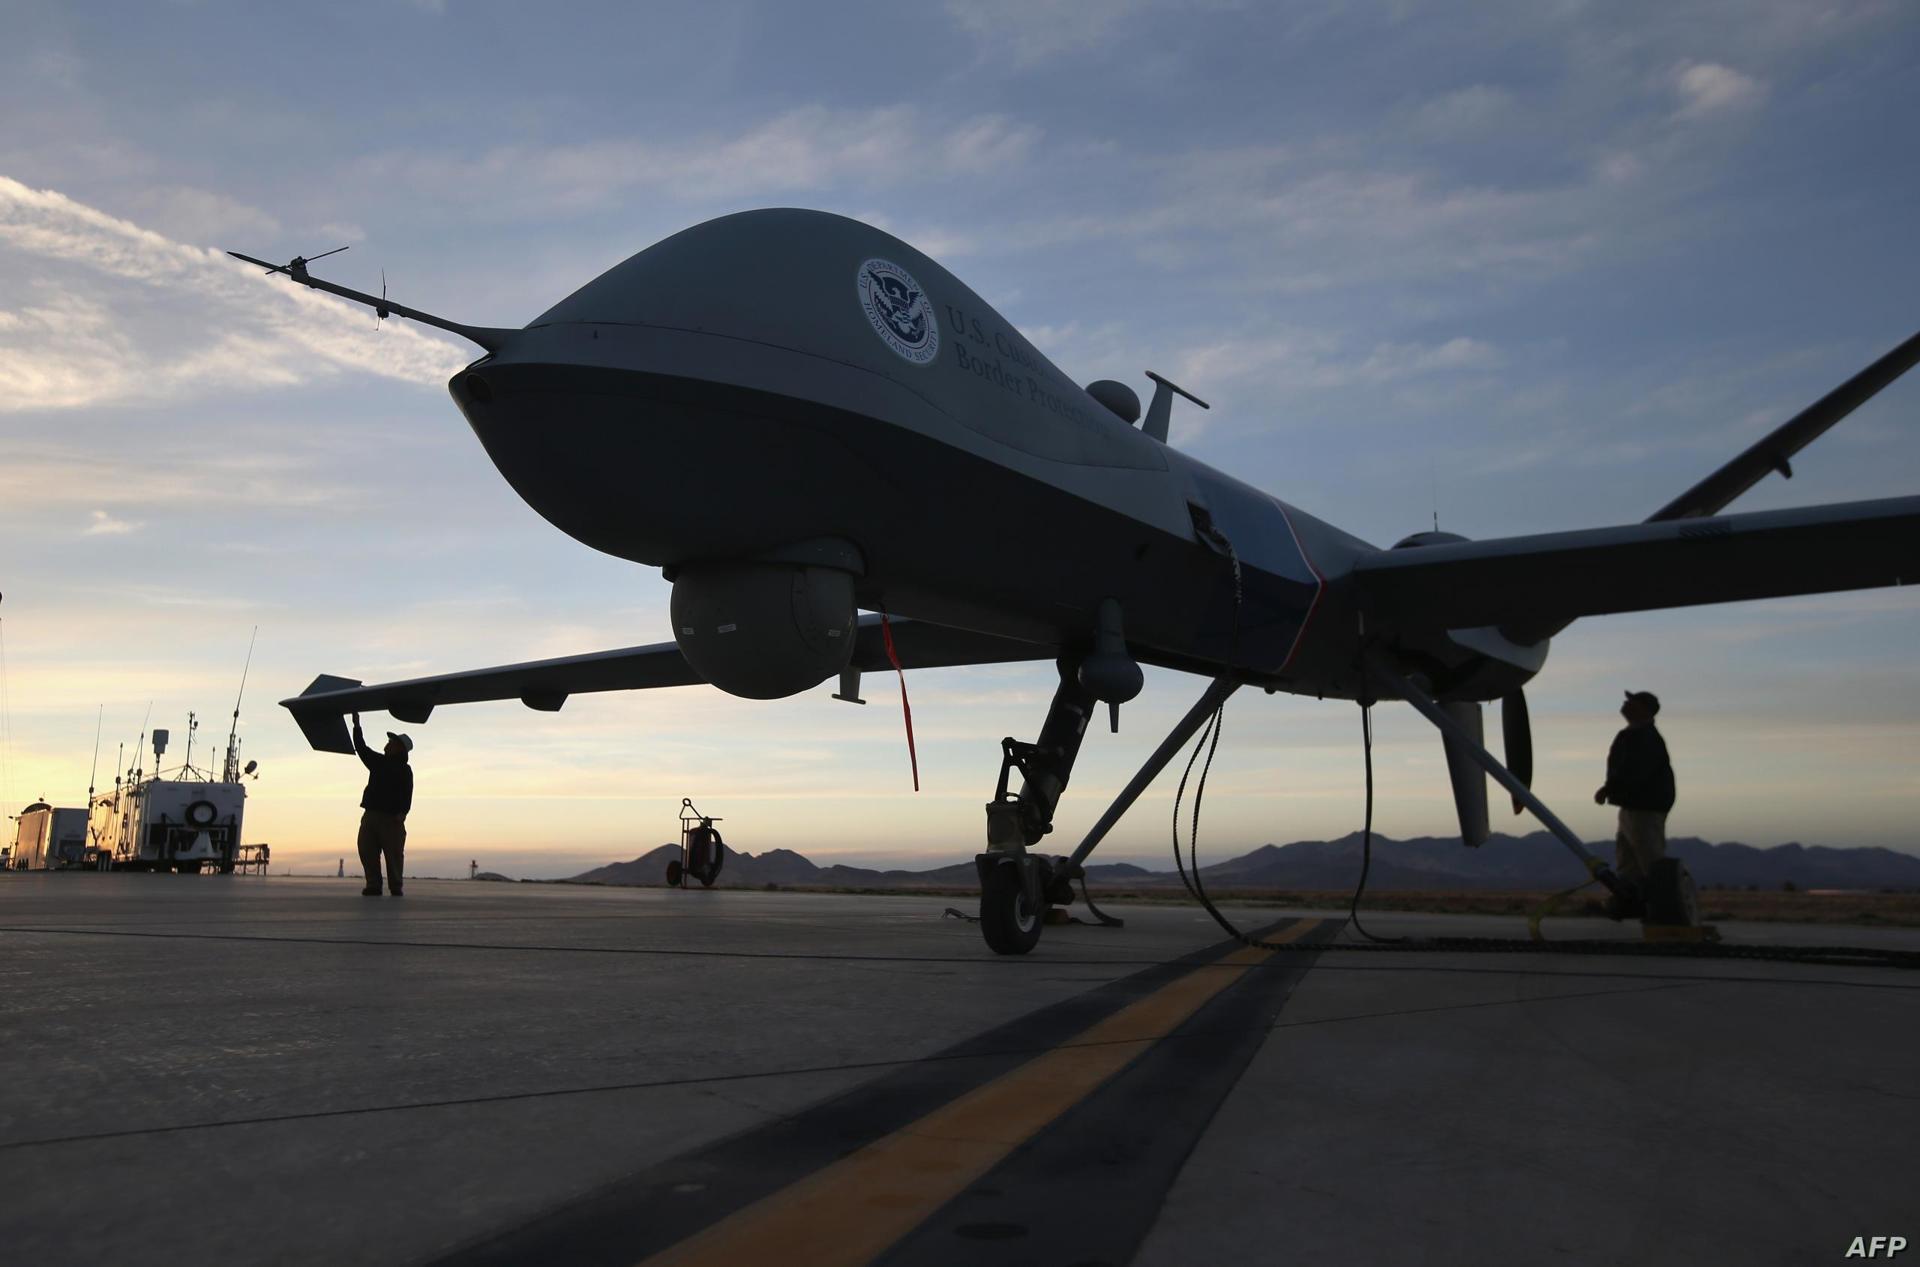 نيويورك تايمز : طائرات بدون طيار لمراقبة الإرهابيين في عدة دول أفريقية منها ليبيا